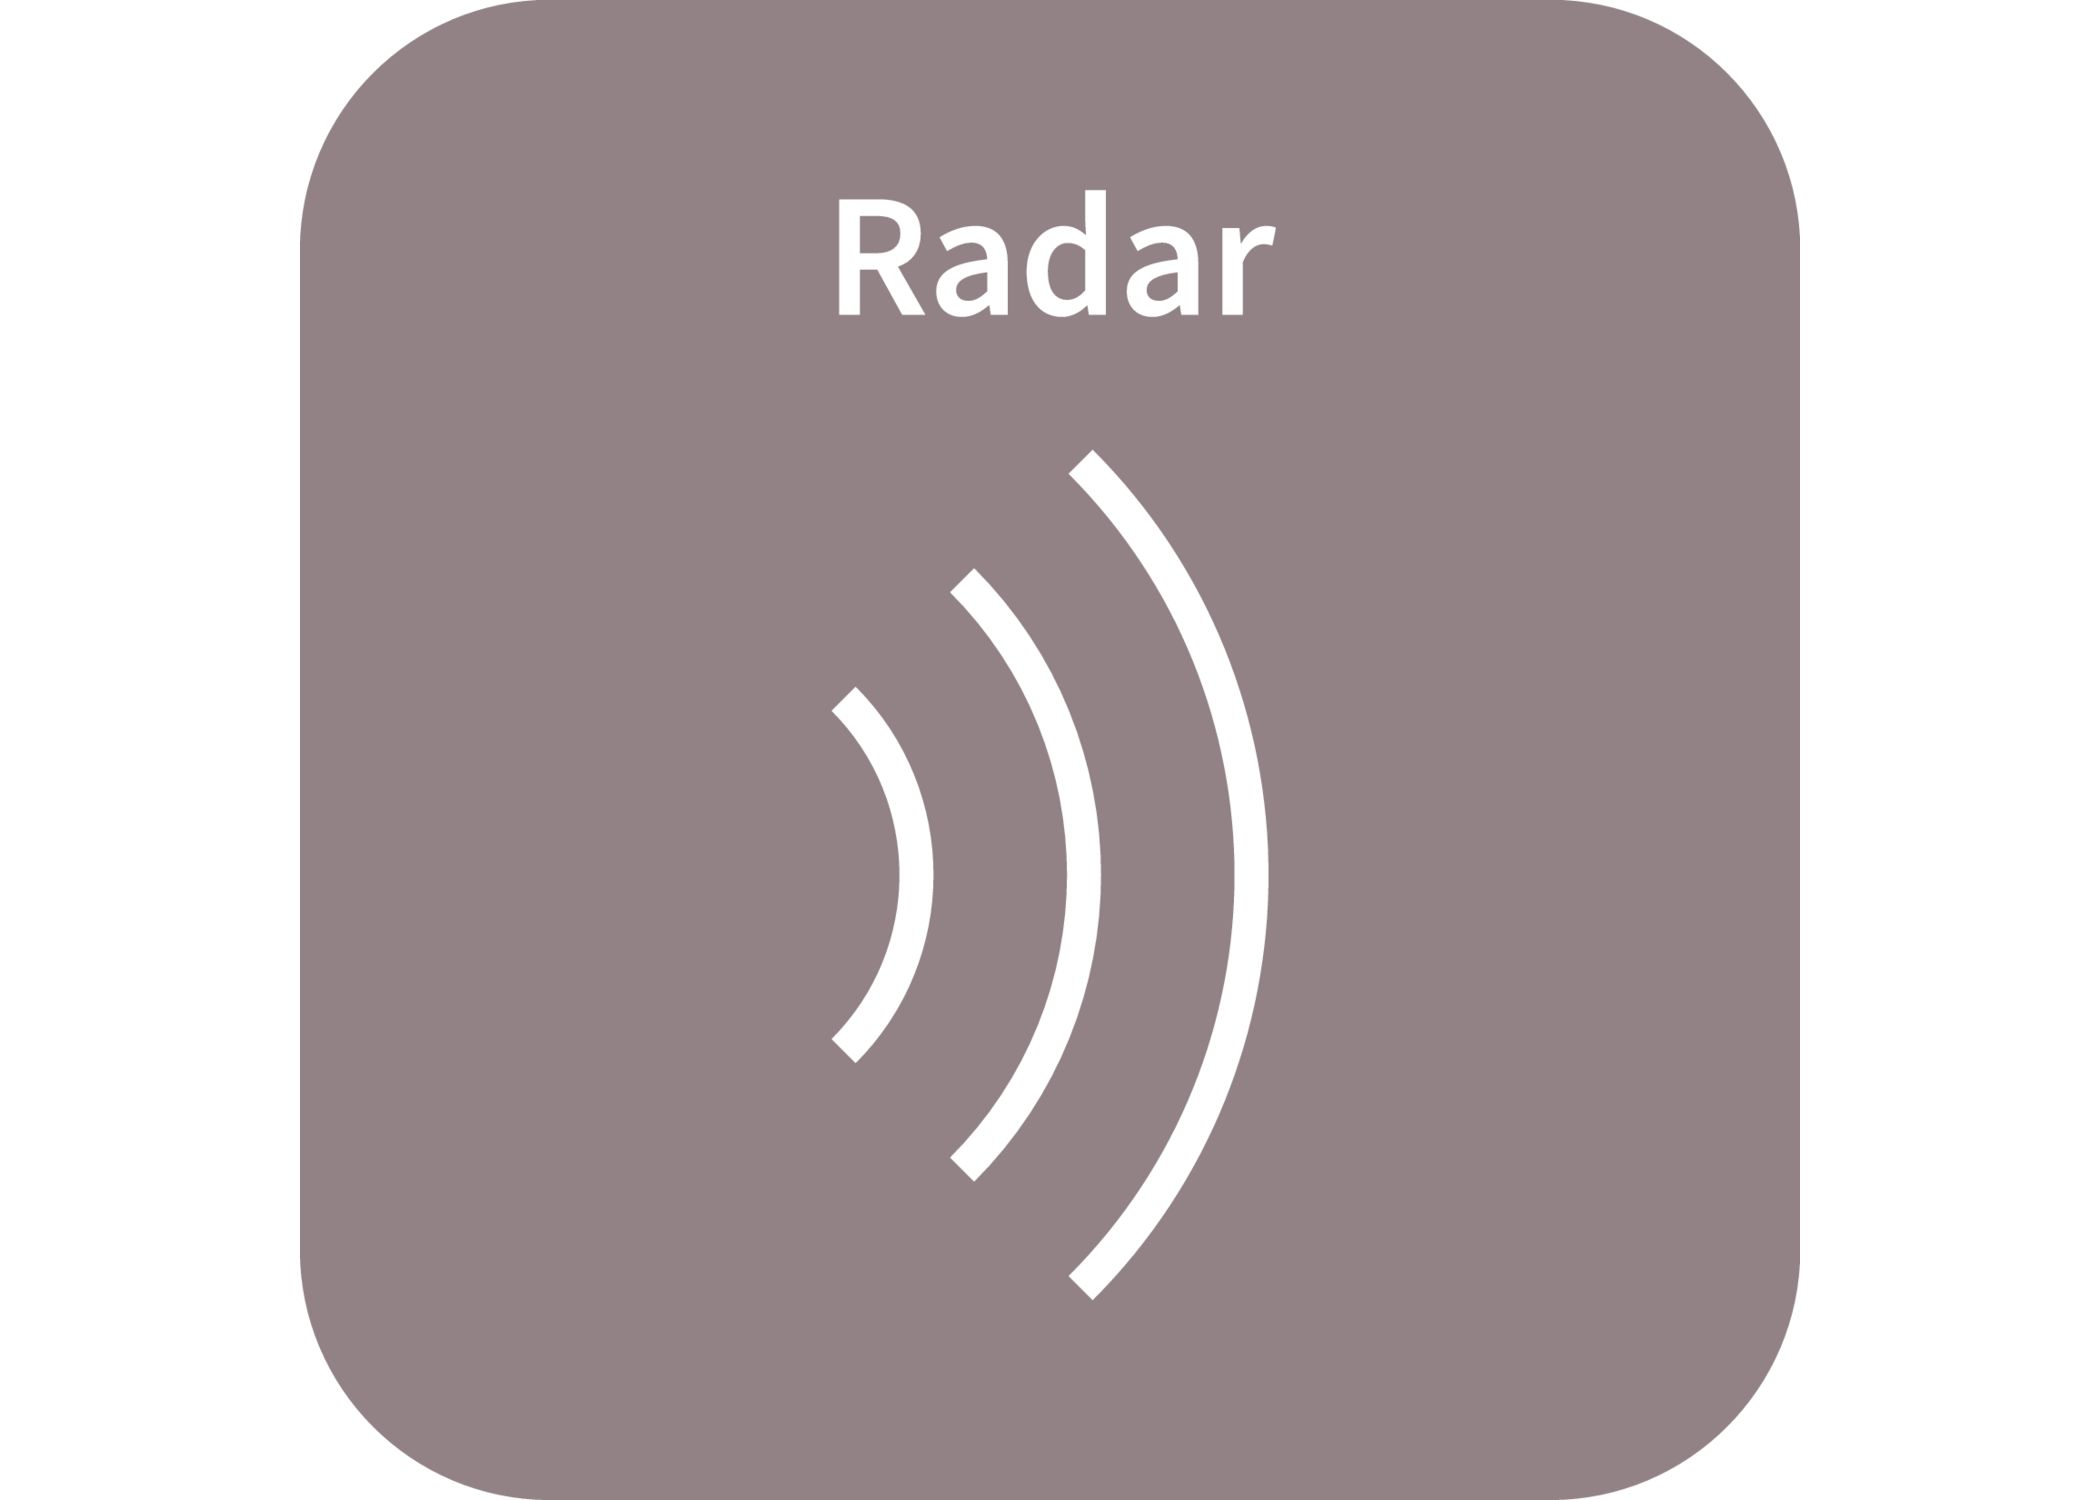 回顾电源管理与射频应用的年度关键词